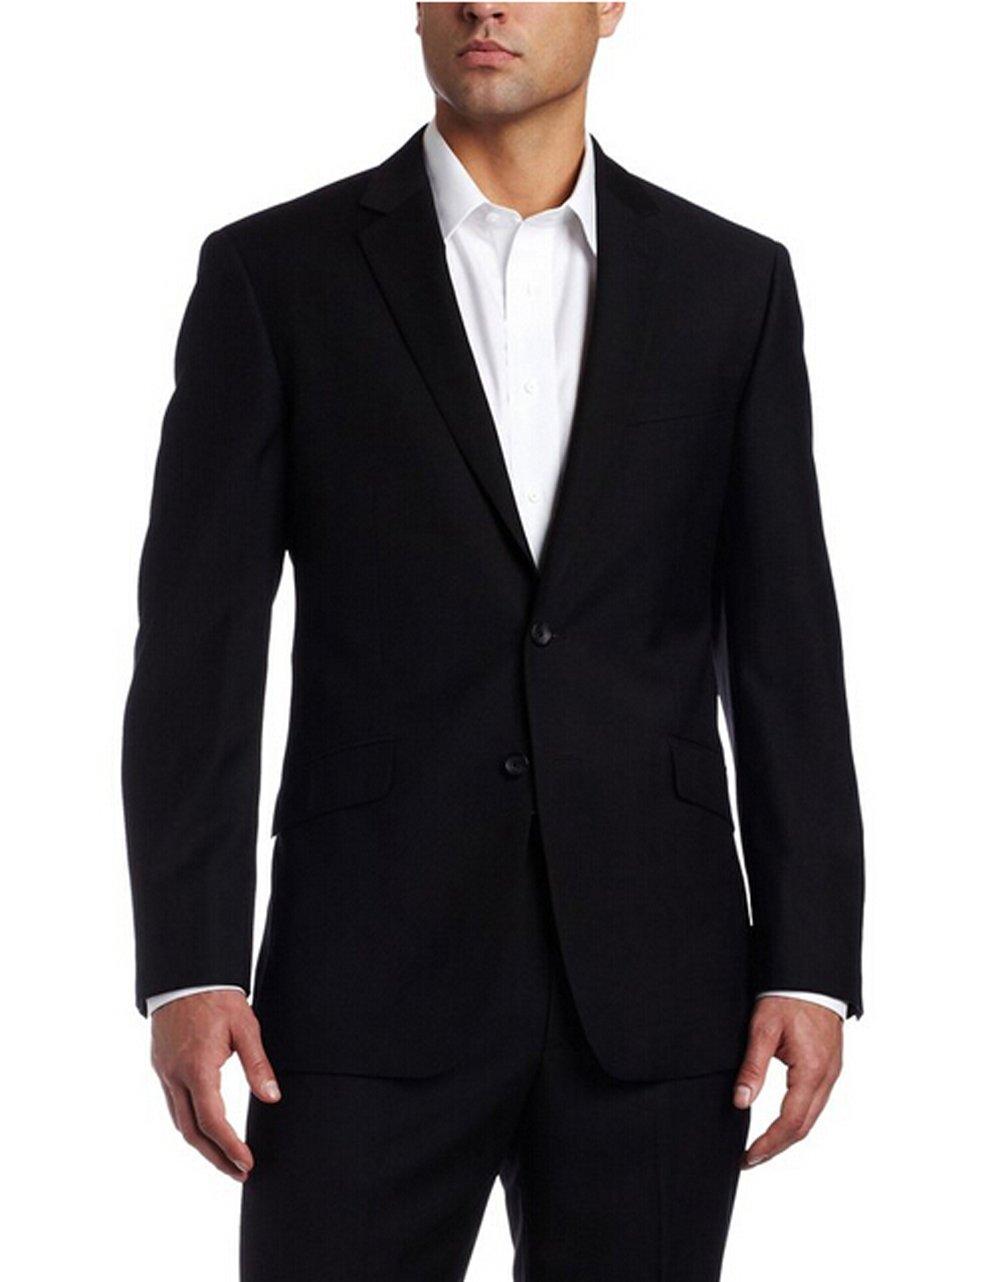 Love Dress Men's Black-Solid Suit Jacket and Pant L